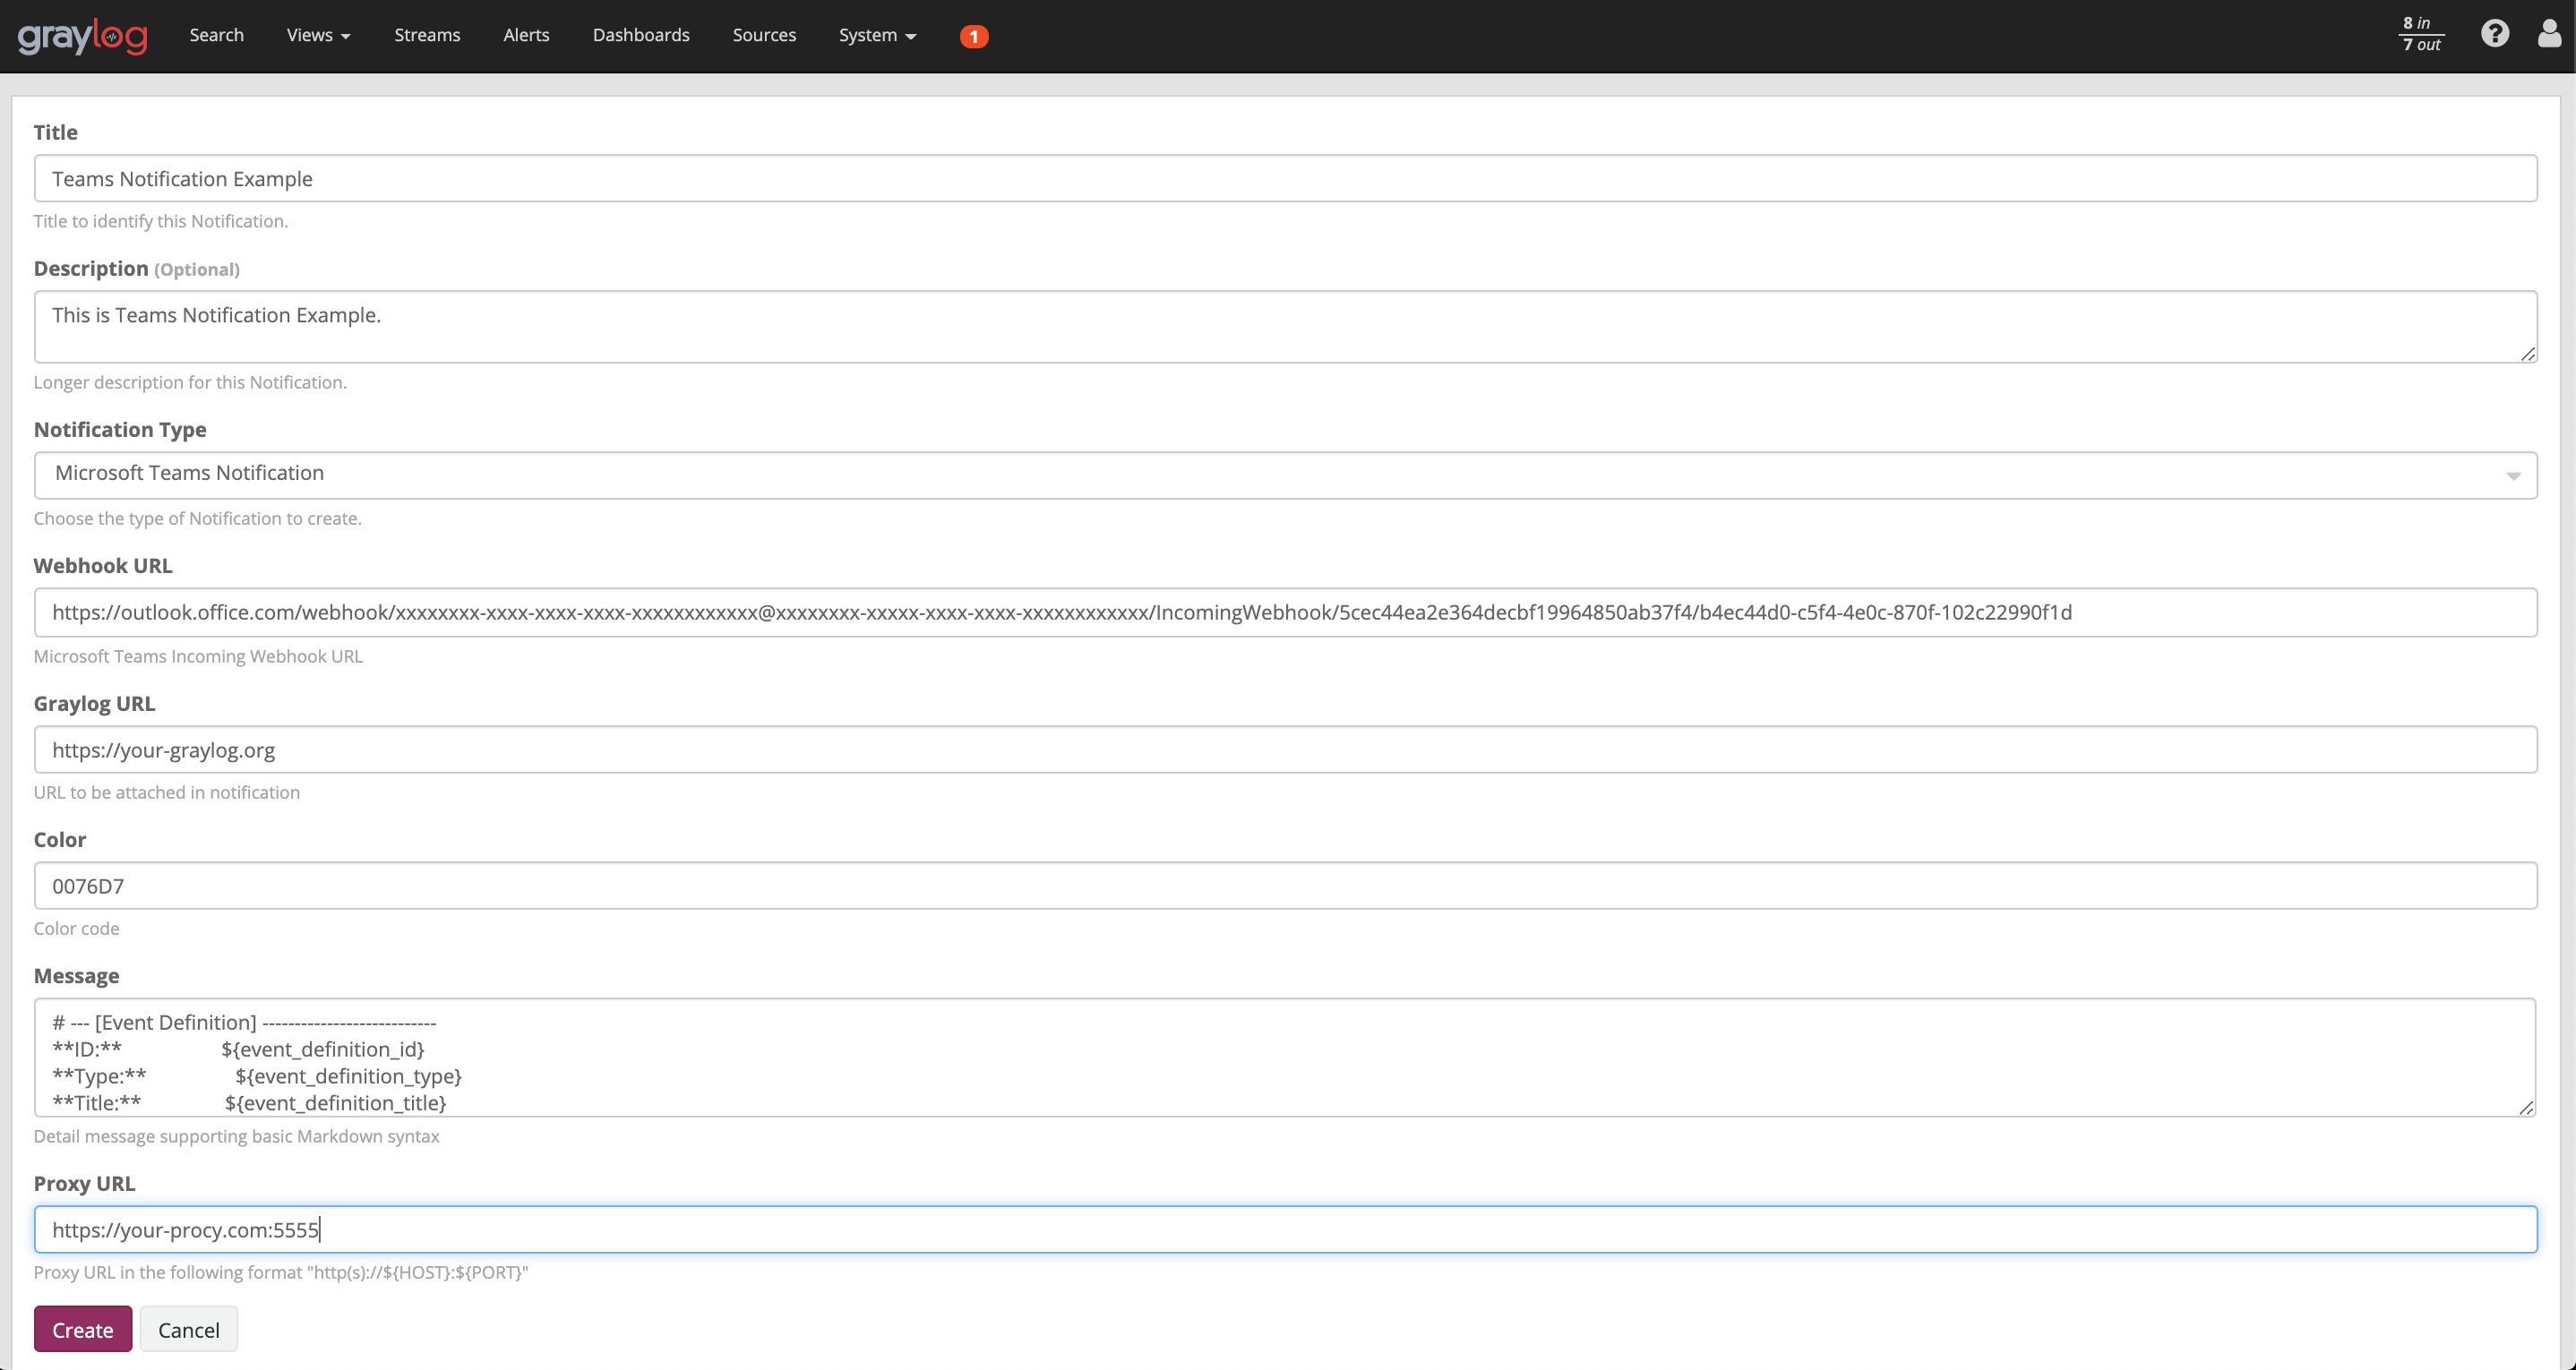 Teams notification configuraiton